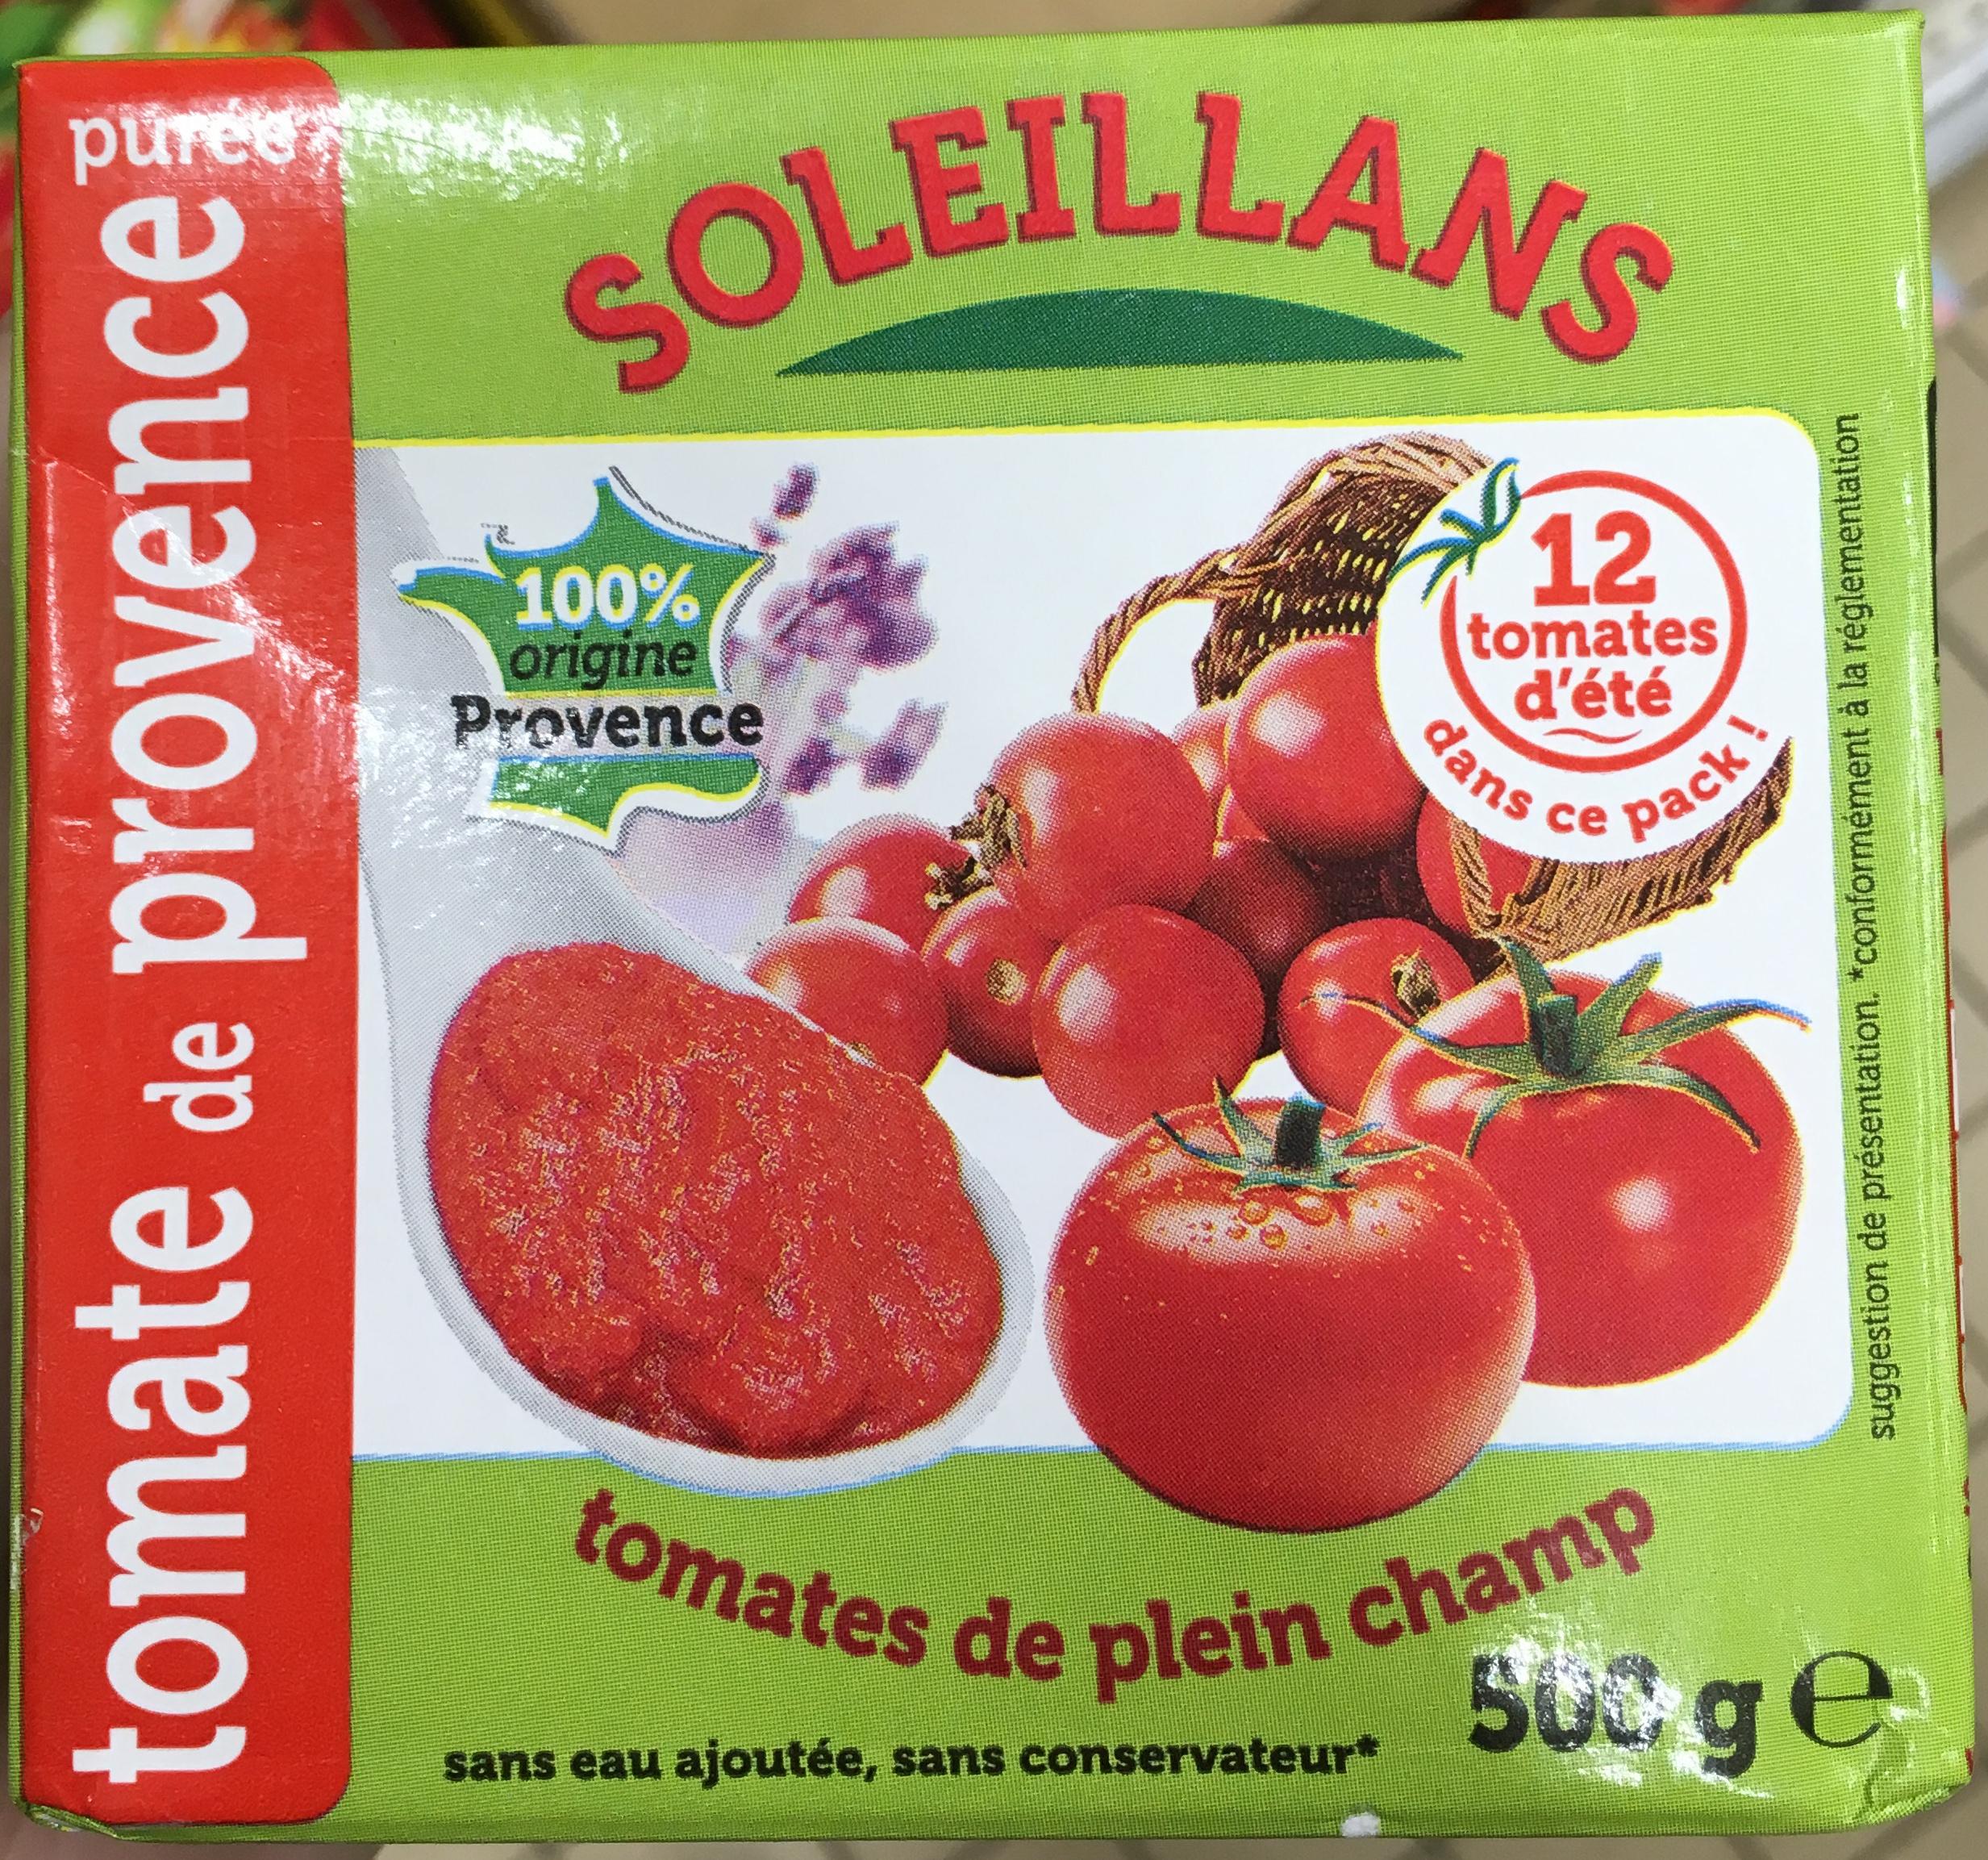 Purée de tomate de Provence - Produit - fr